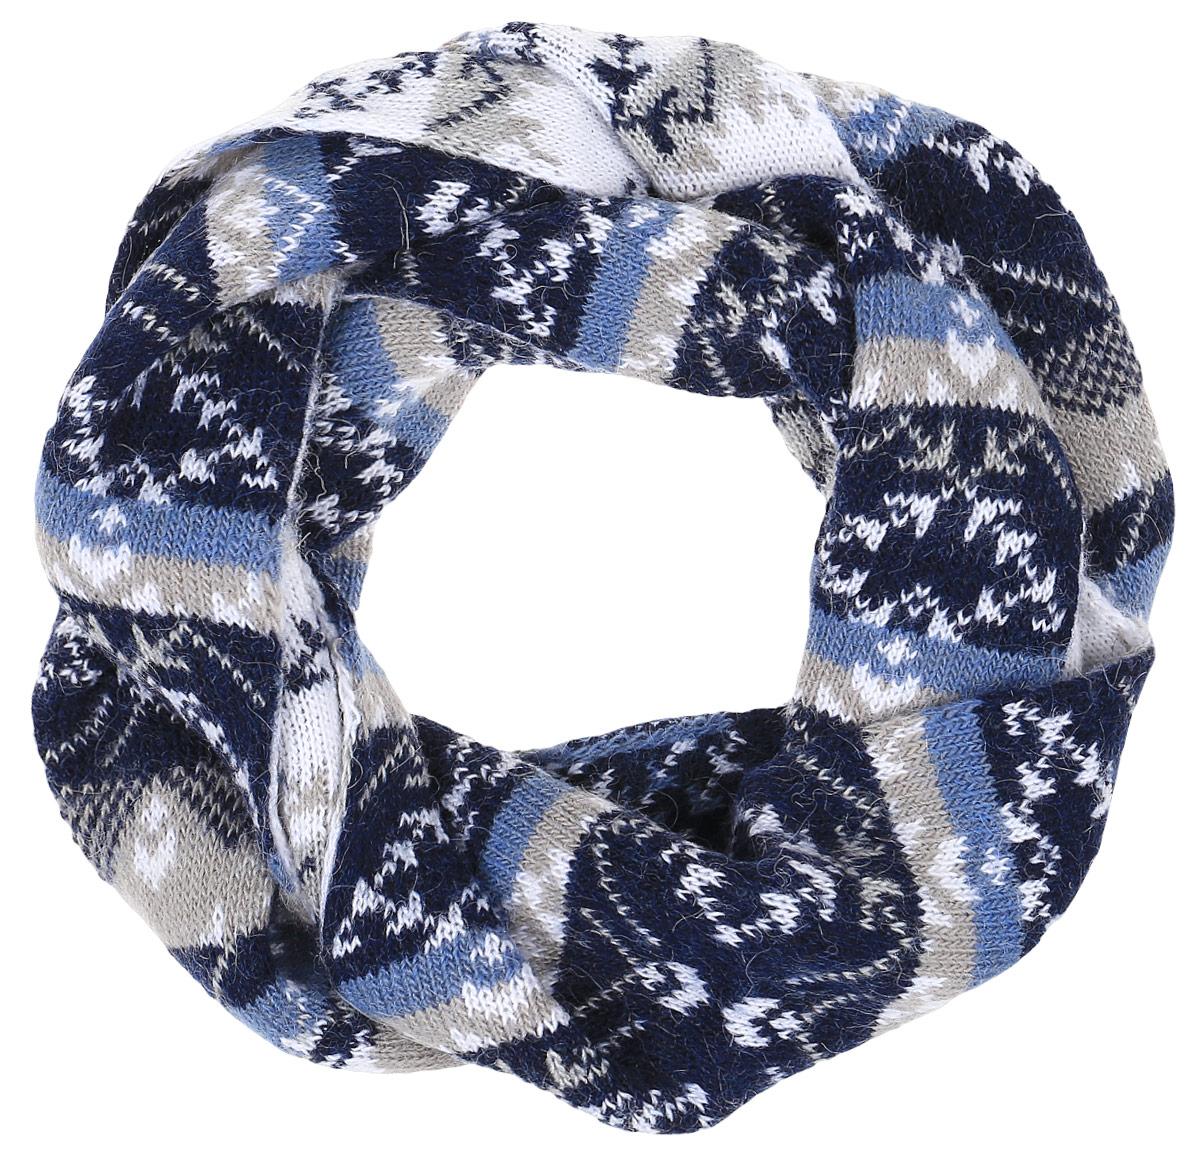 W16-12122_201Теплый женский шарф Finn Flare станет достойным завершением вашего образа. Шарф изготовлен из сочетания высококачественных материалов. Модель оформлена контрастным принтом с узорами.